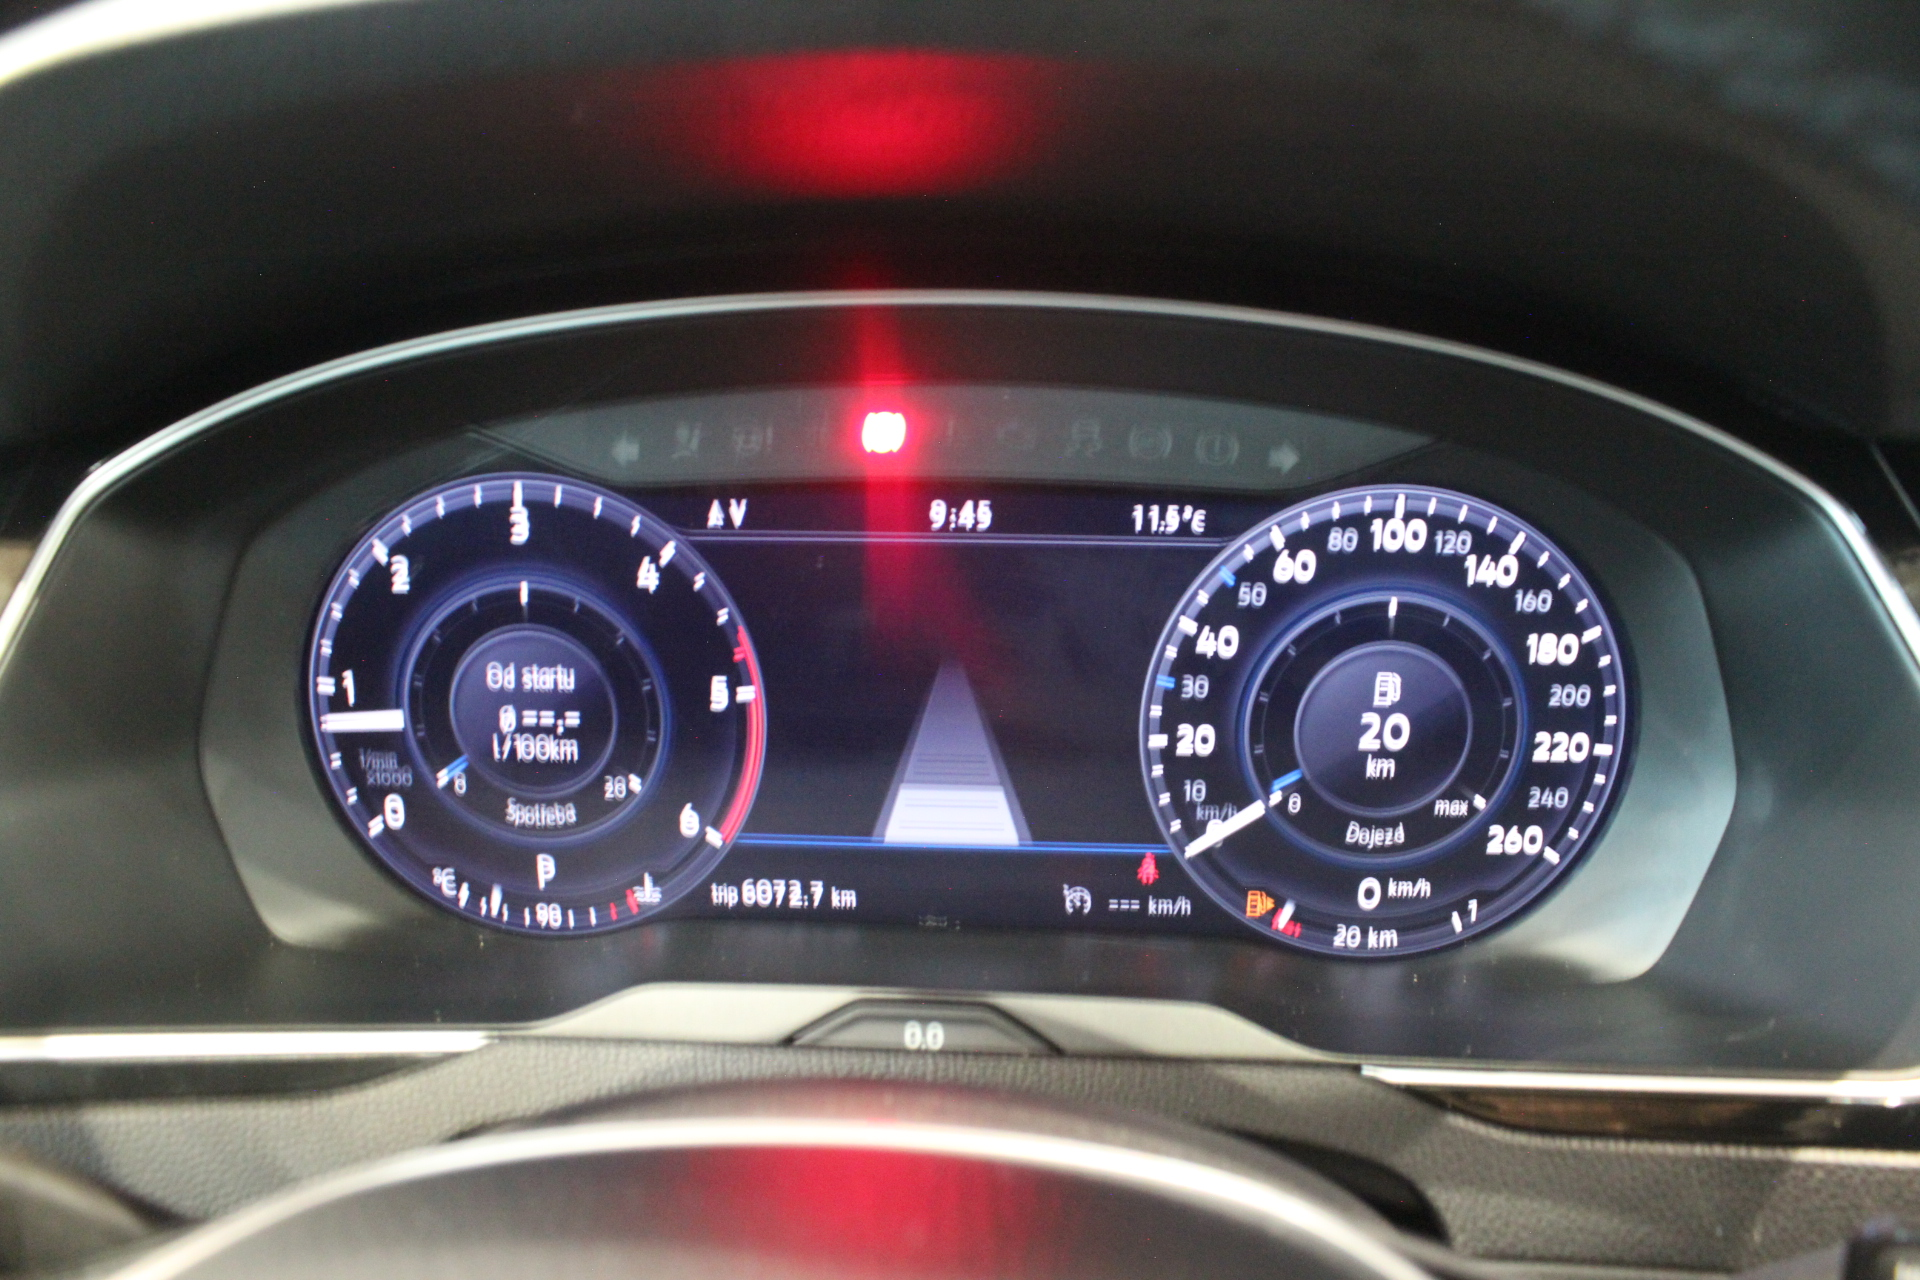 WV Passat B8 2.0 TDI DSG Highline Active Info display 12″  Area View 360° - AutoBrela obrázek